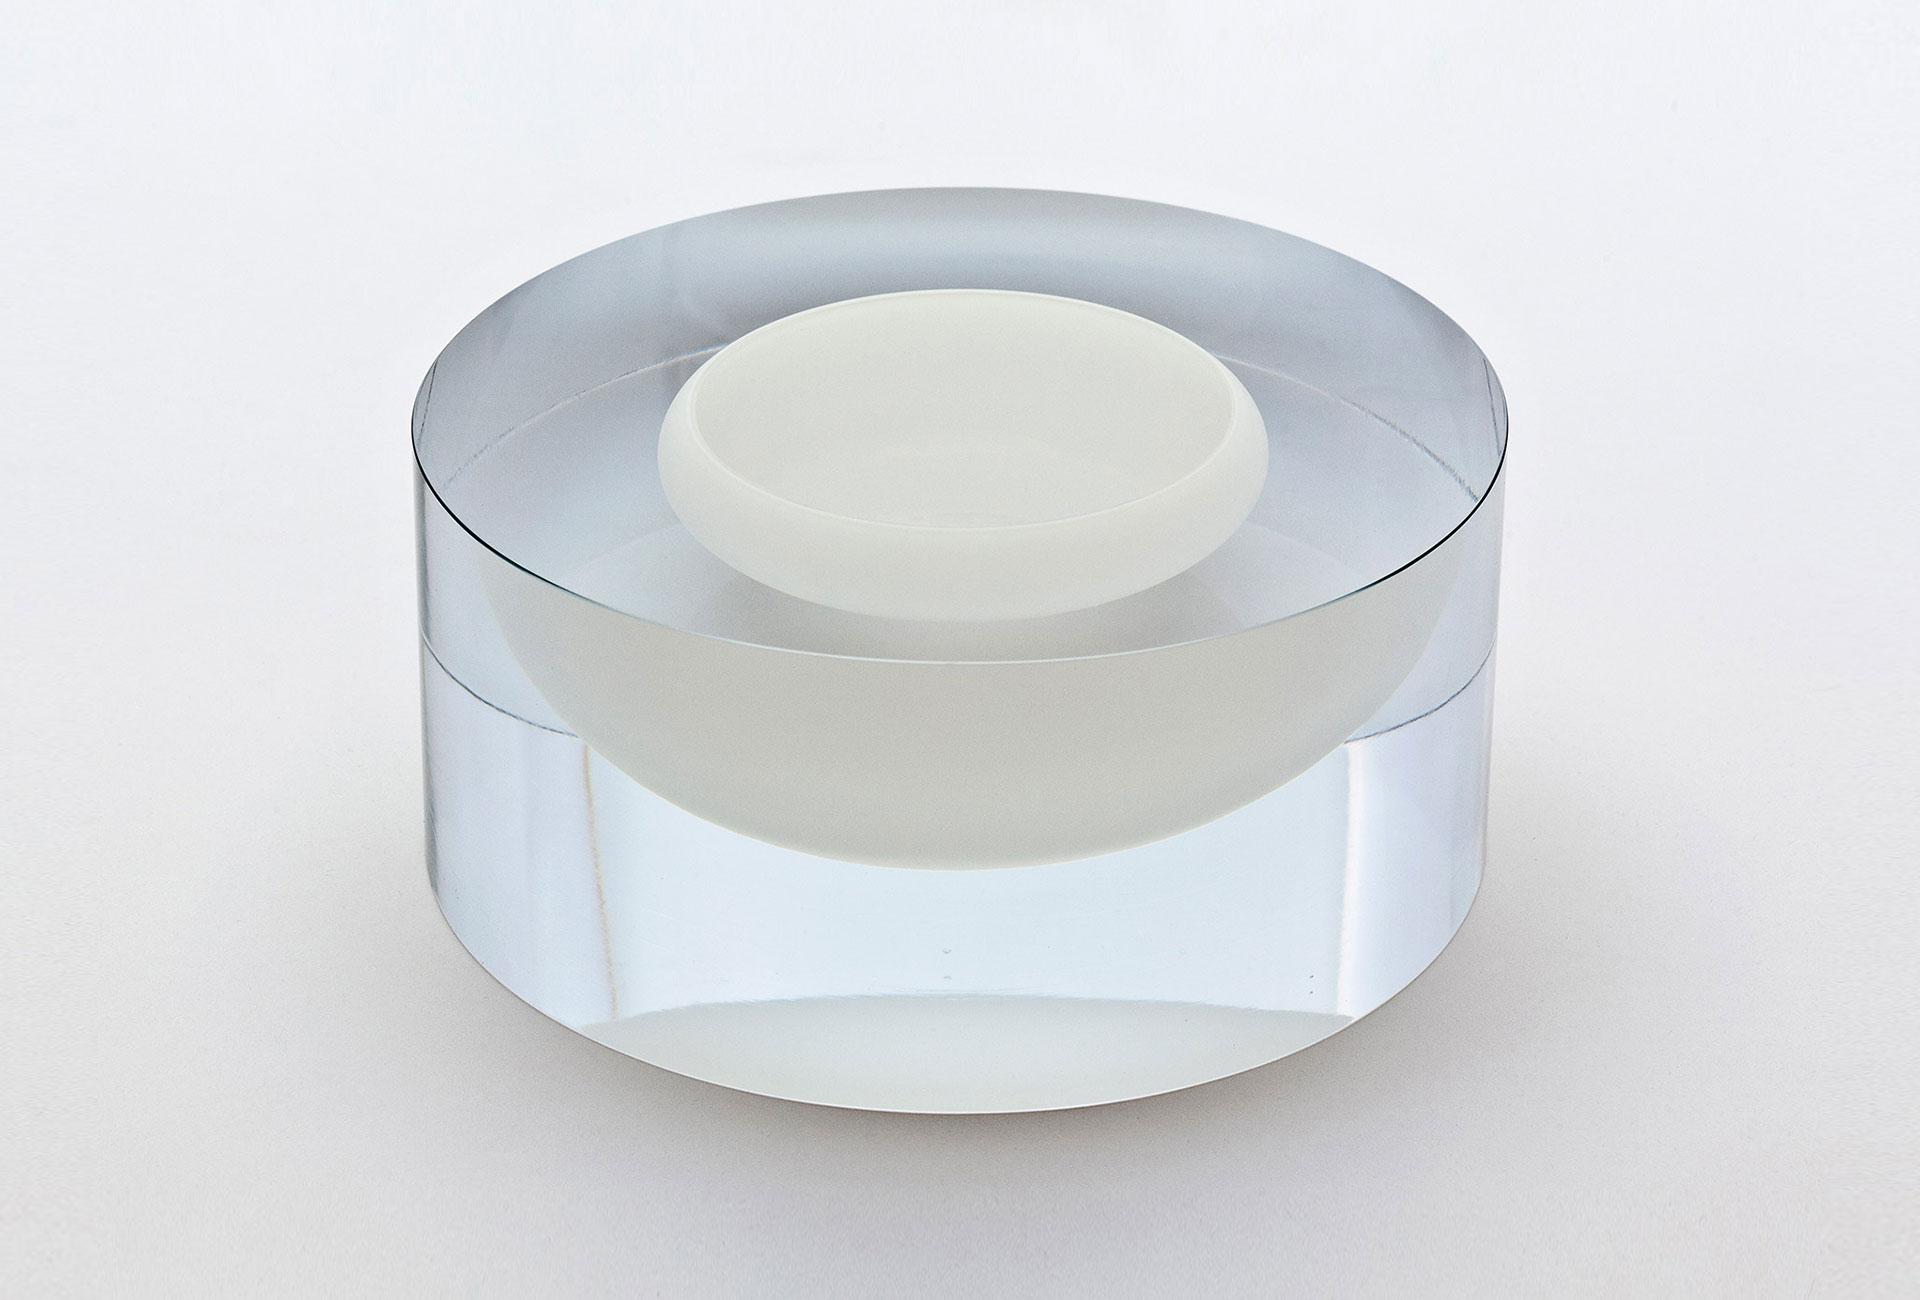 tora-urup-cylinder-floating-sand-colored-bowl1.jpg